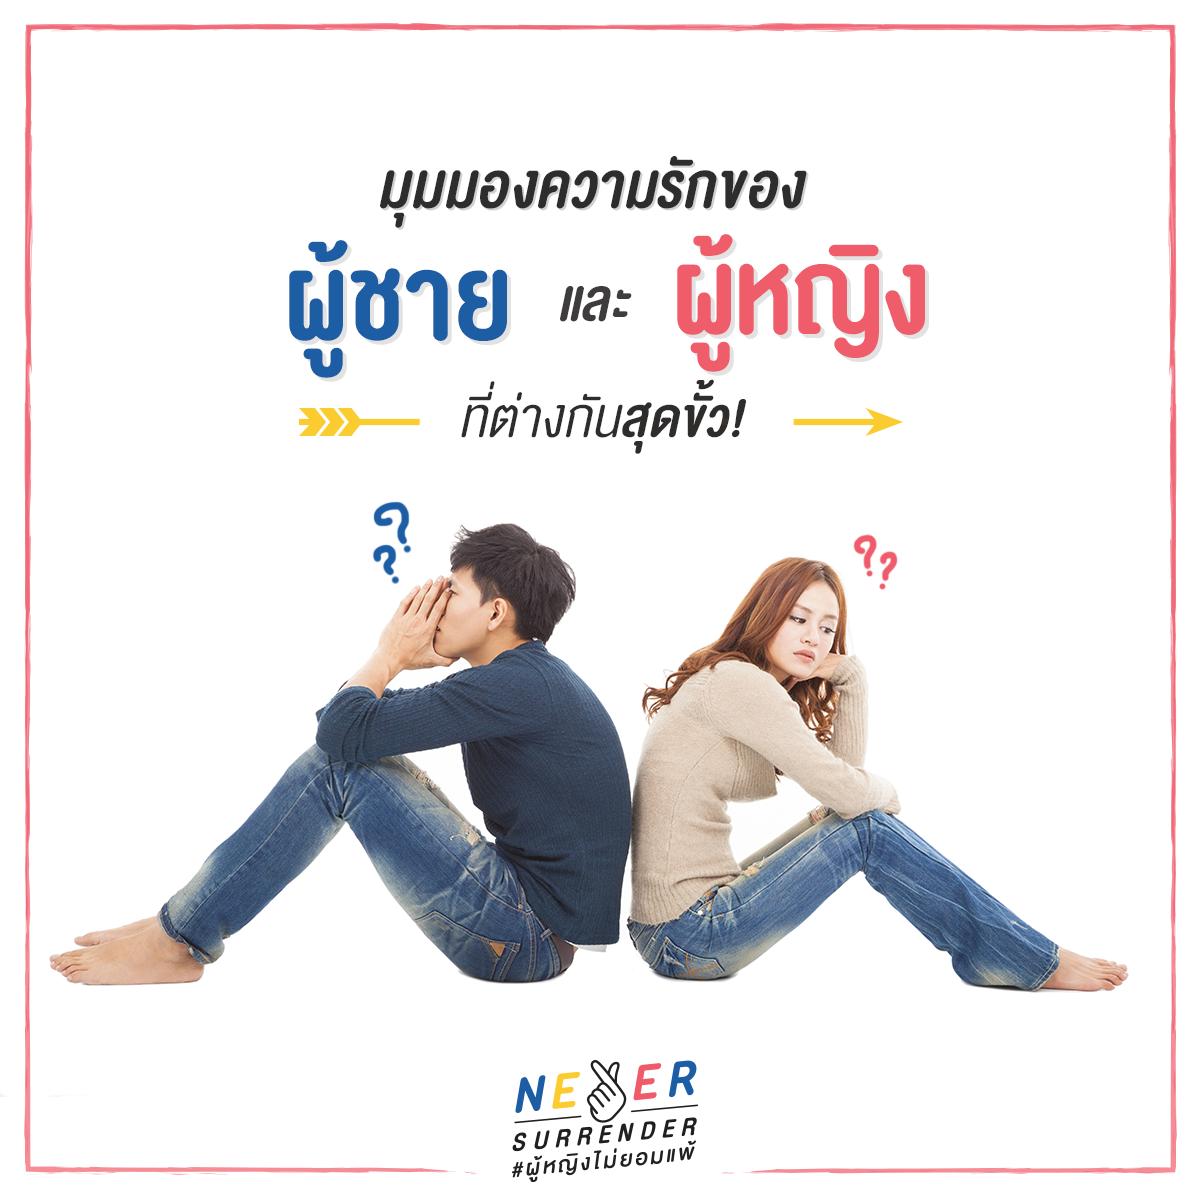 Never Surrender Thailand_มุมมองความรักของ 'ผู้ชาย' และ 'ผู้หญิง' ที่ต่างกันสุดขั้ว!